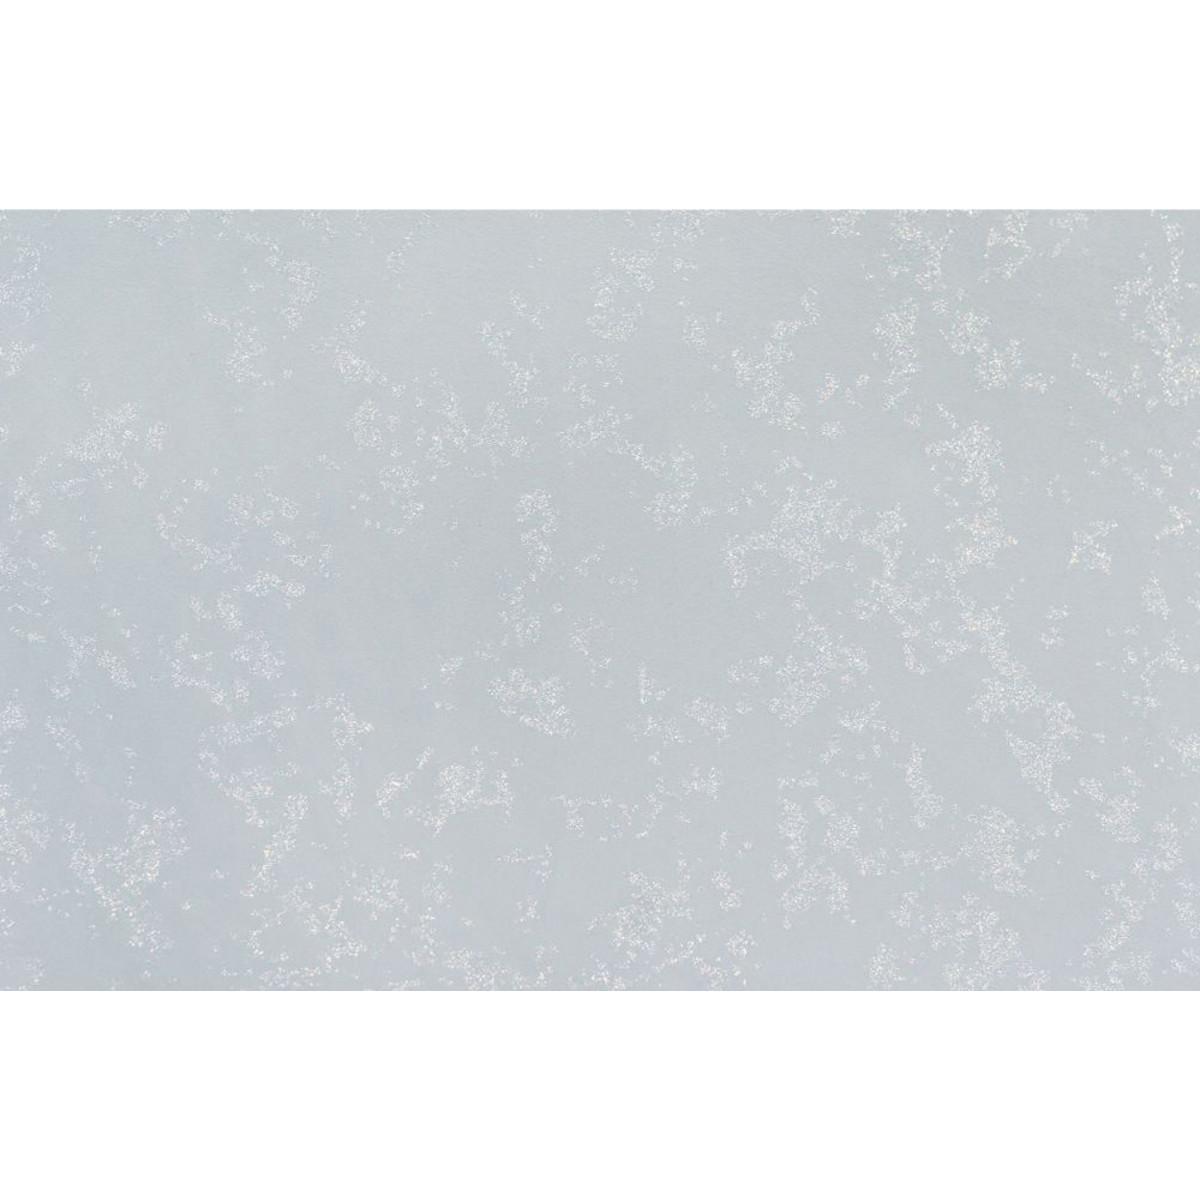 Обои флизелиновые Elysium Санфло серые 1.06 м Е28905